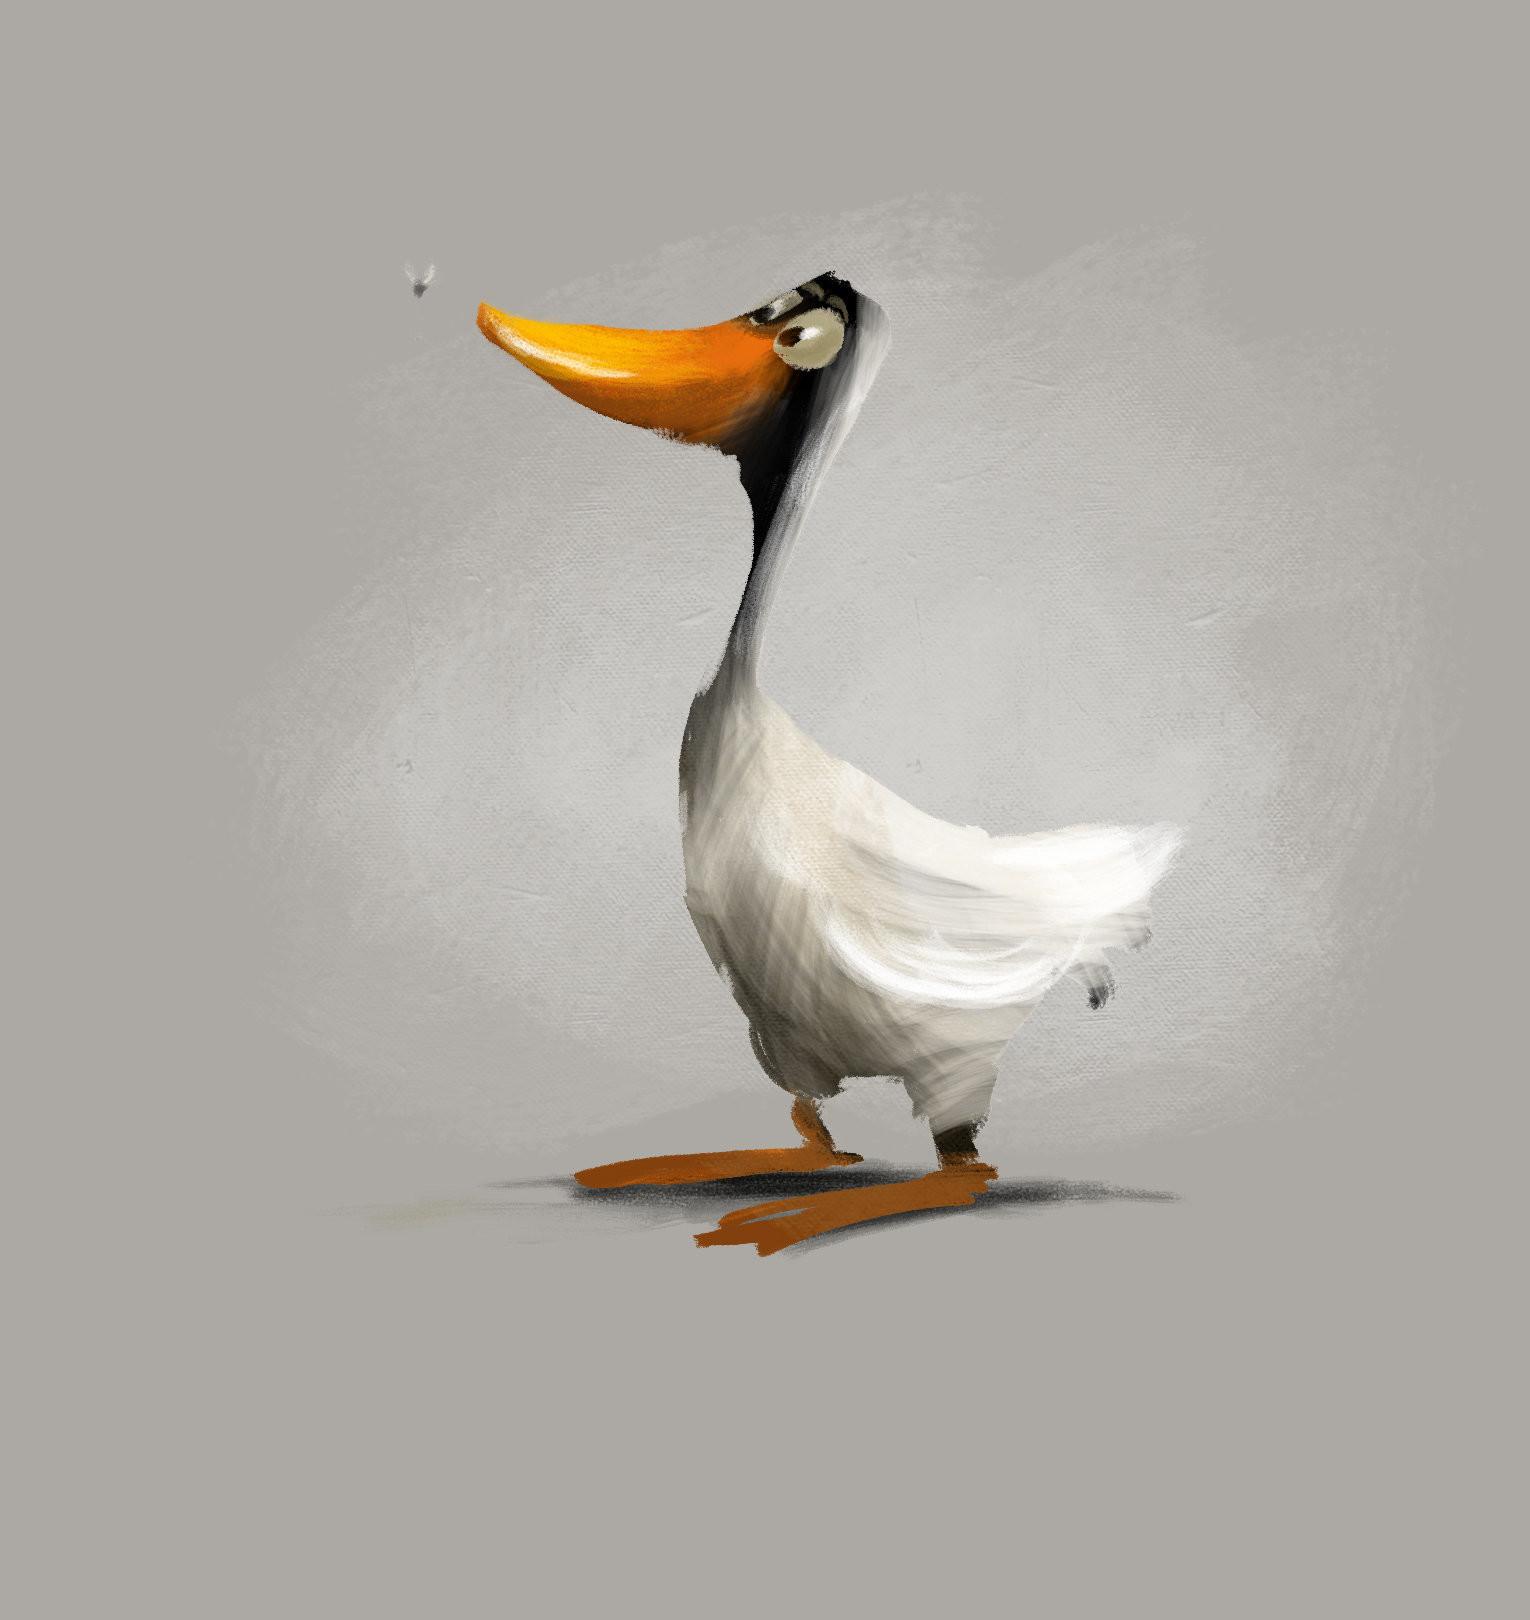 Glenn melenhorst glenn melenhorst duck3